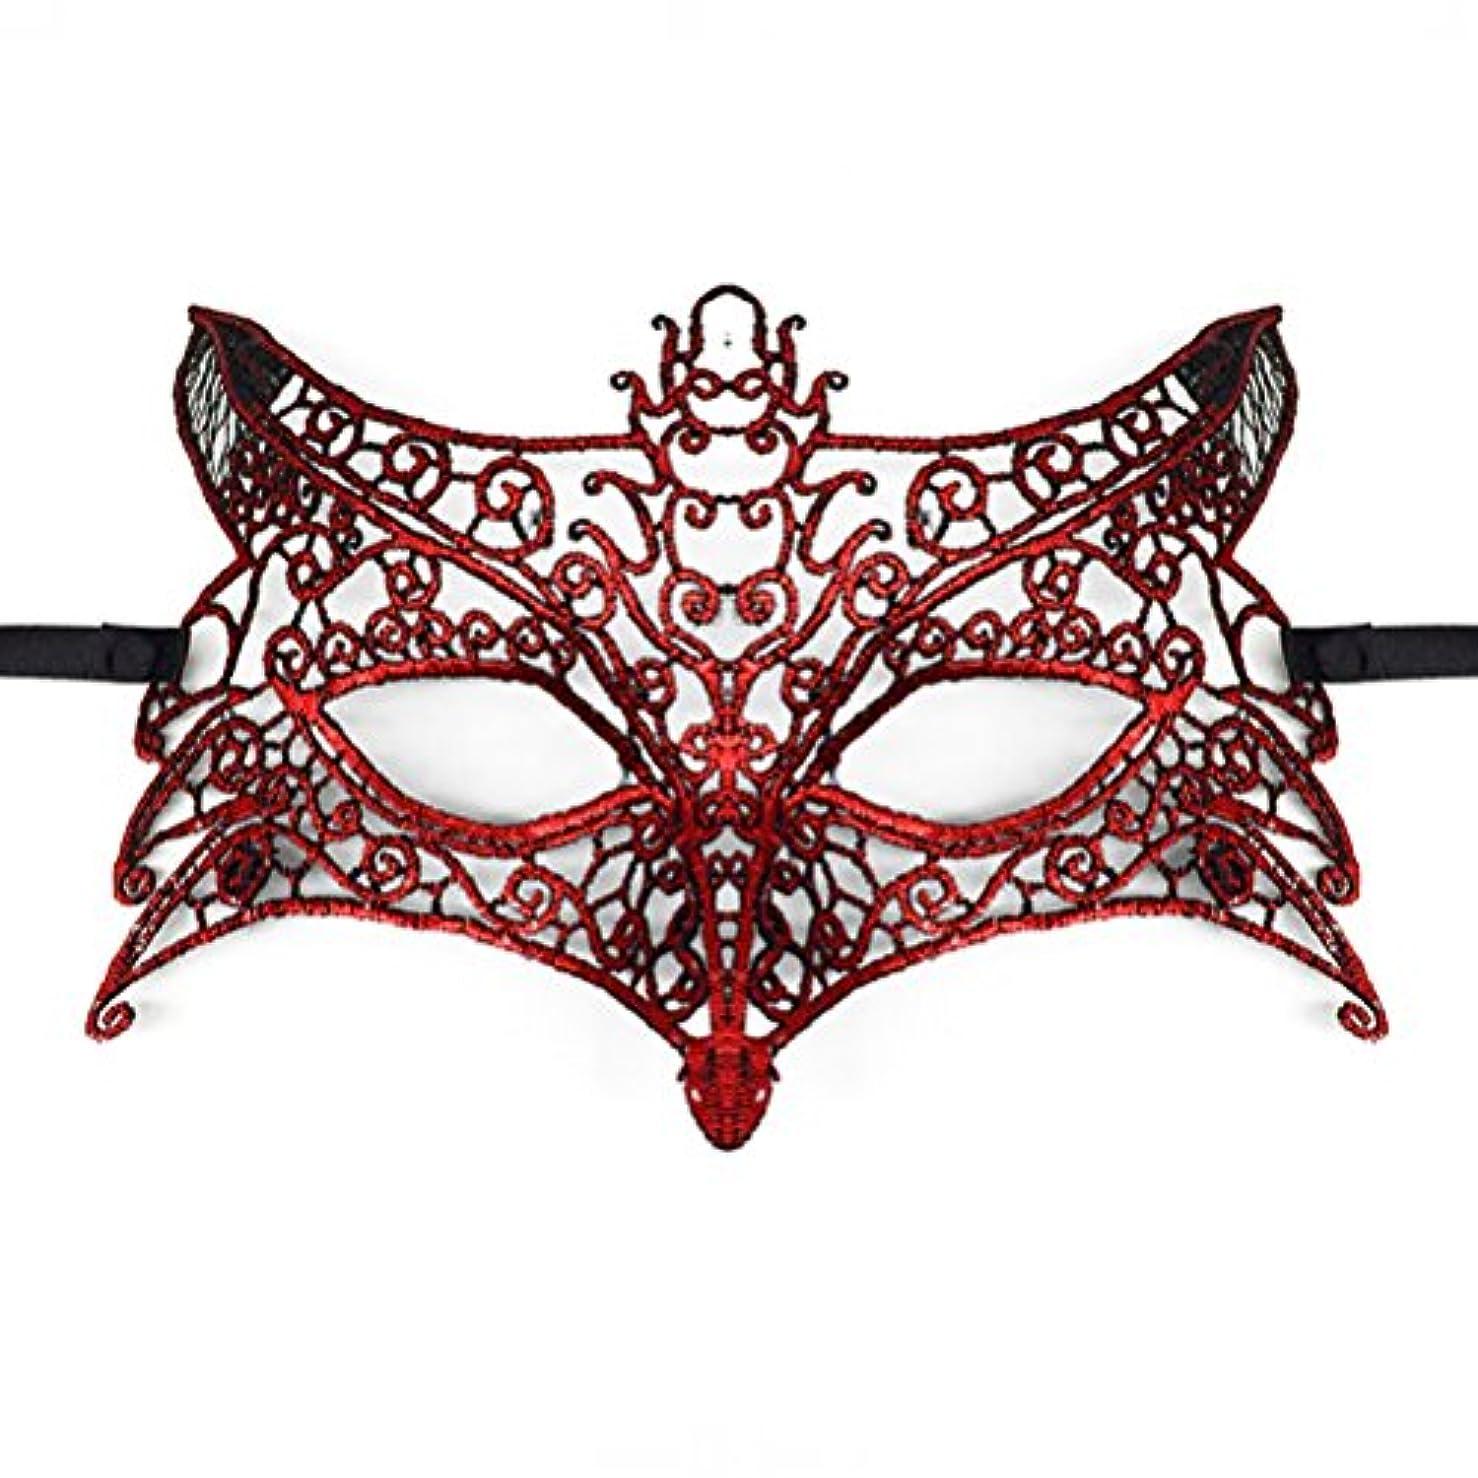 実質的トライアスロン結晶Toyvian ハロウィーンパーティー用レースマスカレードマスク(ウルフヘッド)